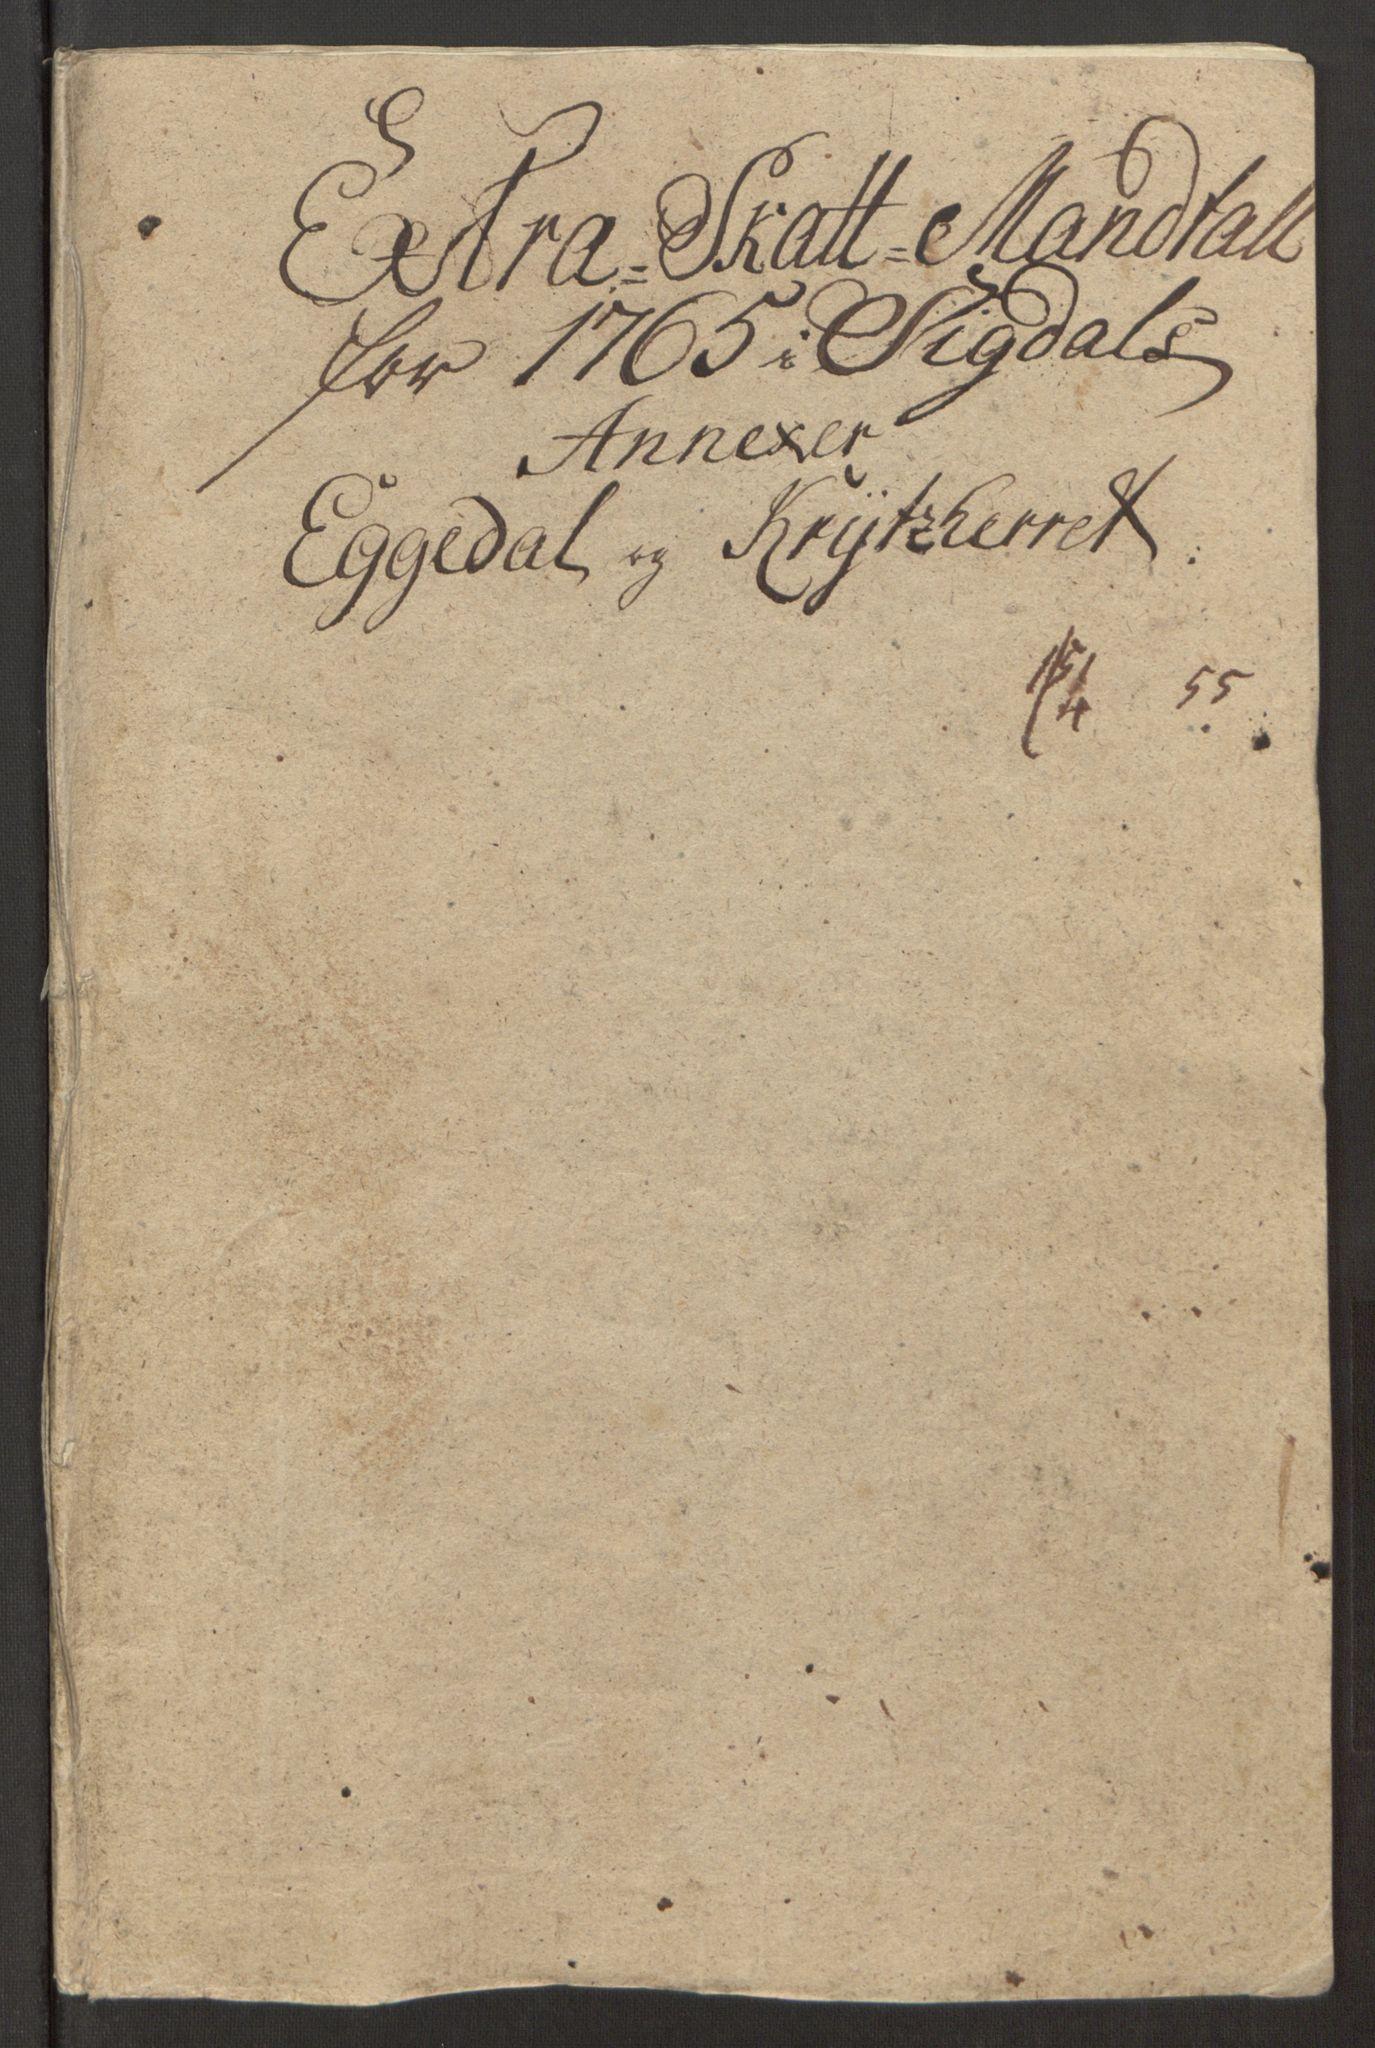 RA, Rentekammeret inntil 1814, Reviderte regnskaper, Fogderegnskap, R31/L1834: Ekstraskatten Hurum, Røyken, Eiker, Lier og Buskerud, 1765, s. 307